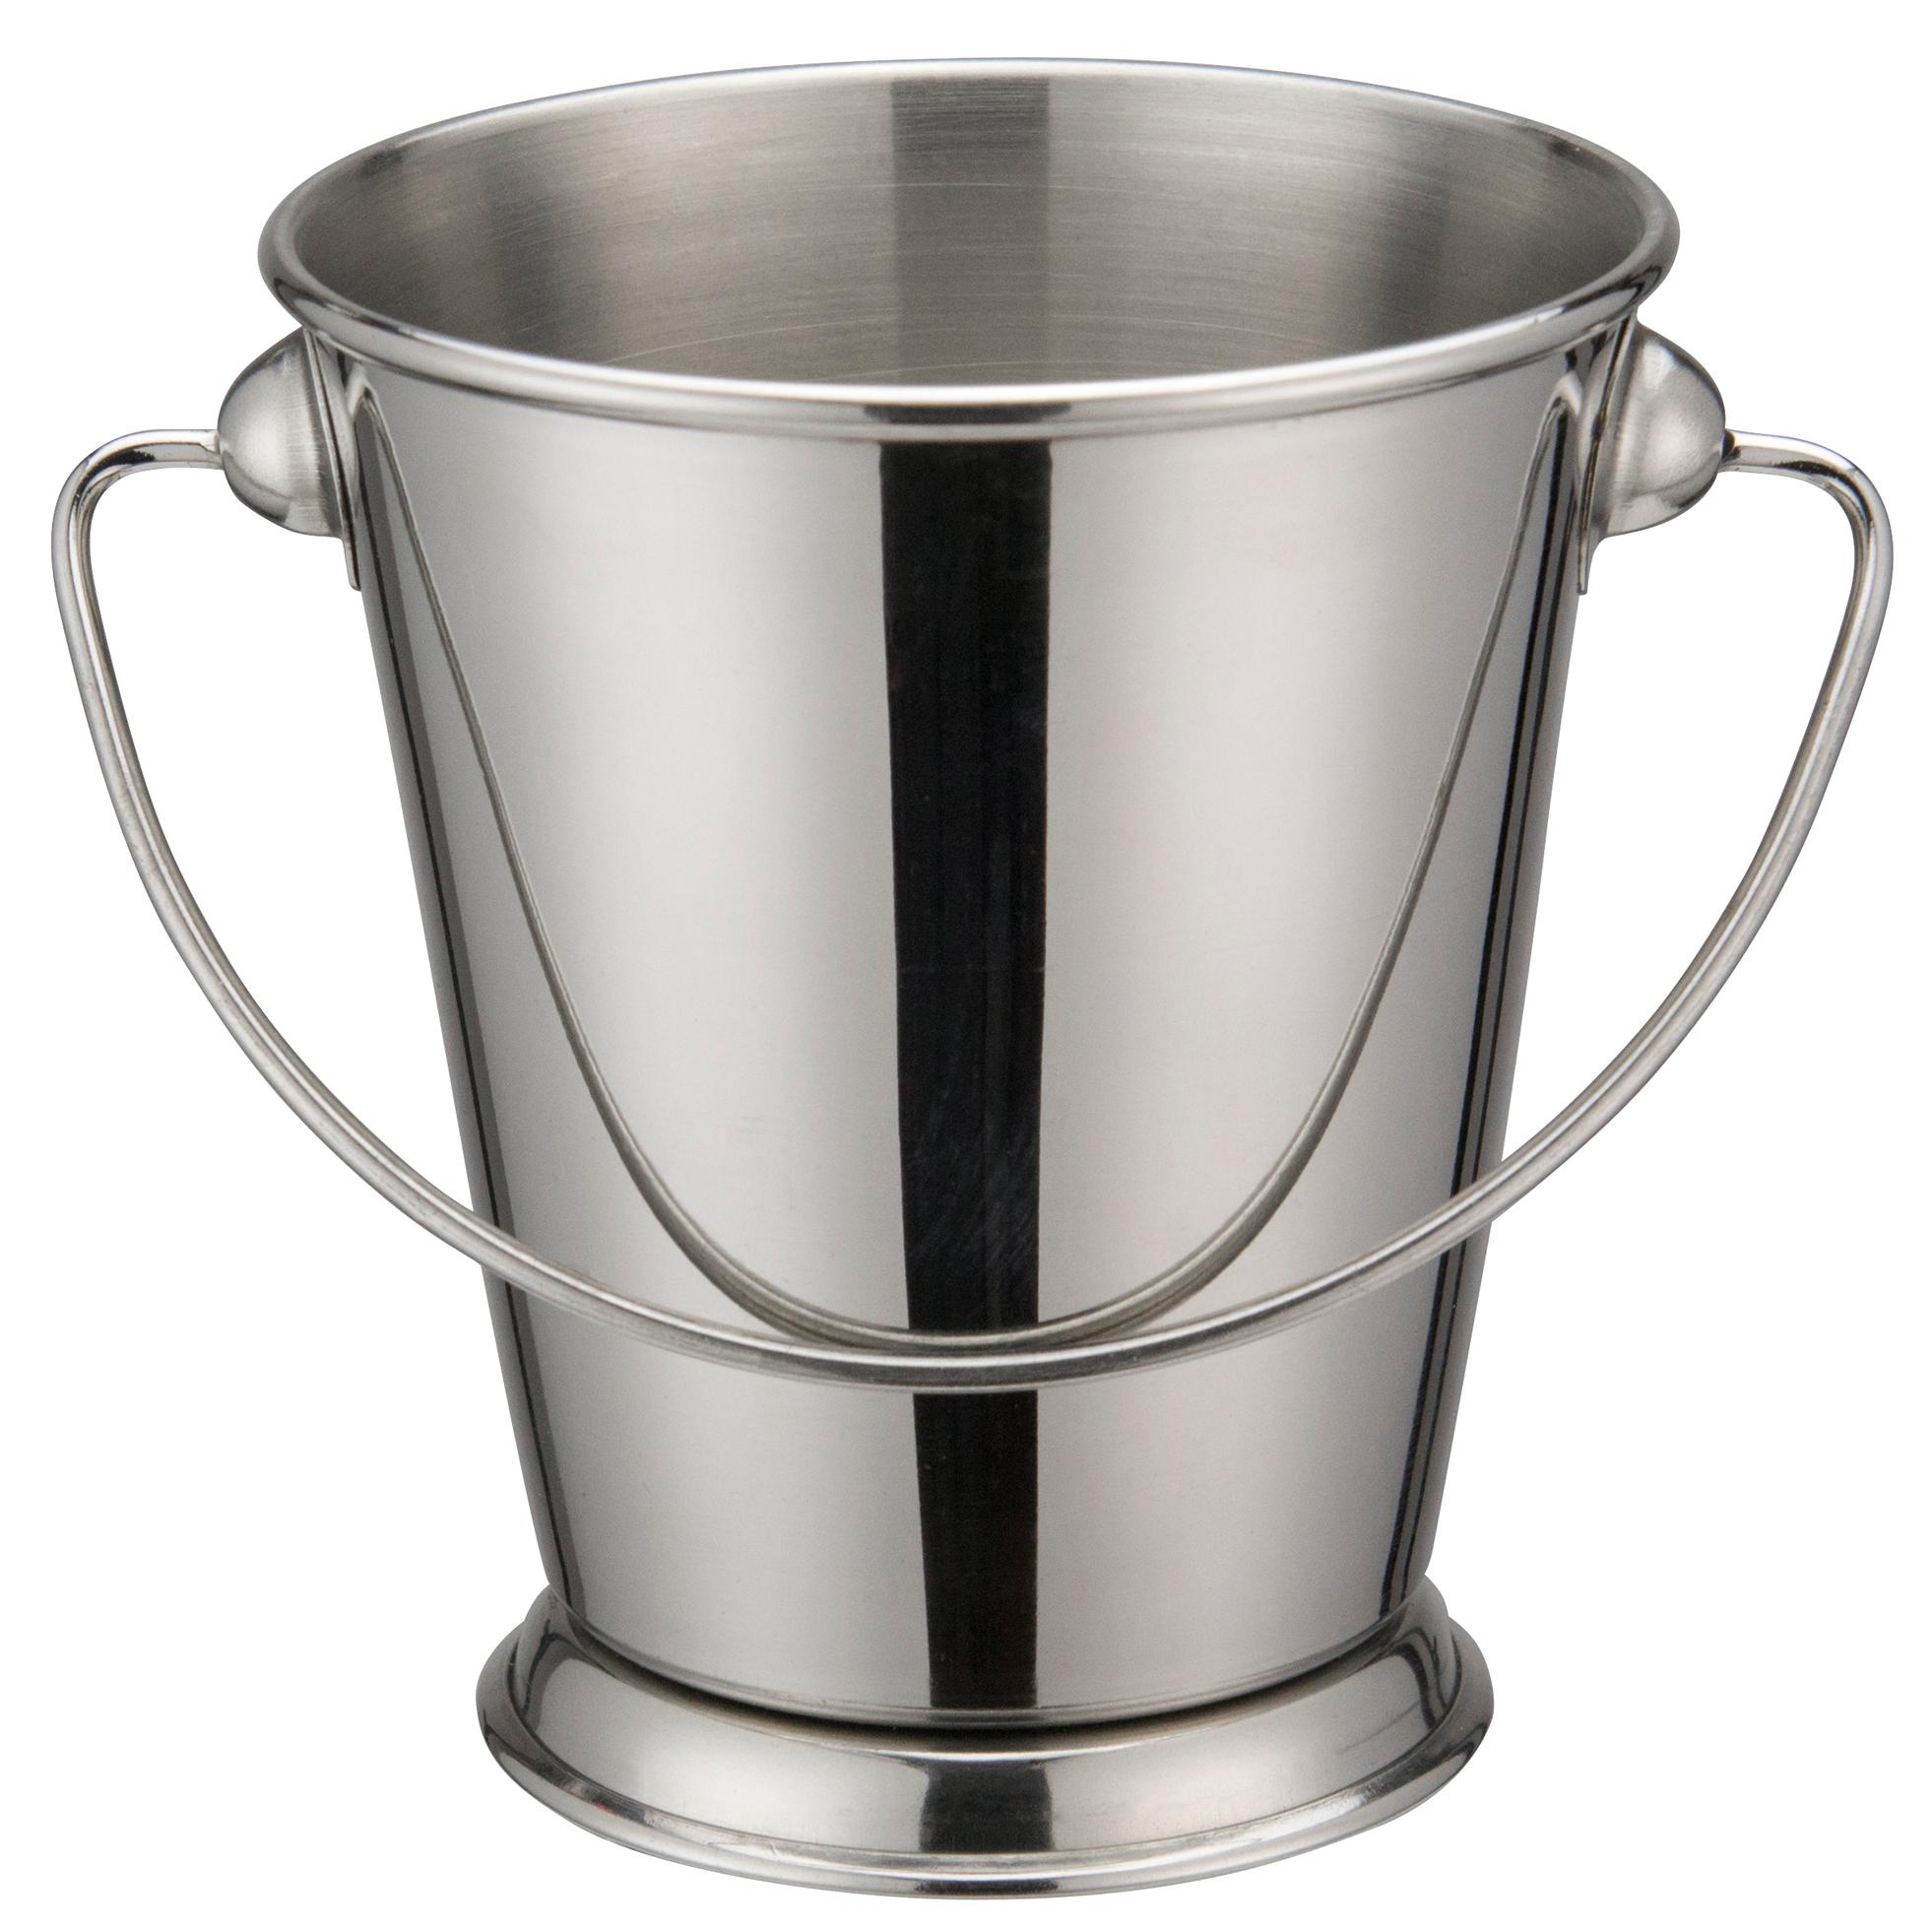 Winco DDSA-106S serving pail